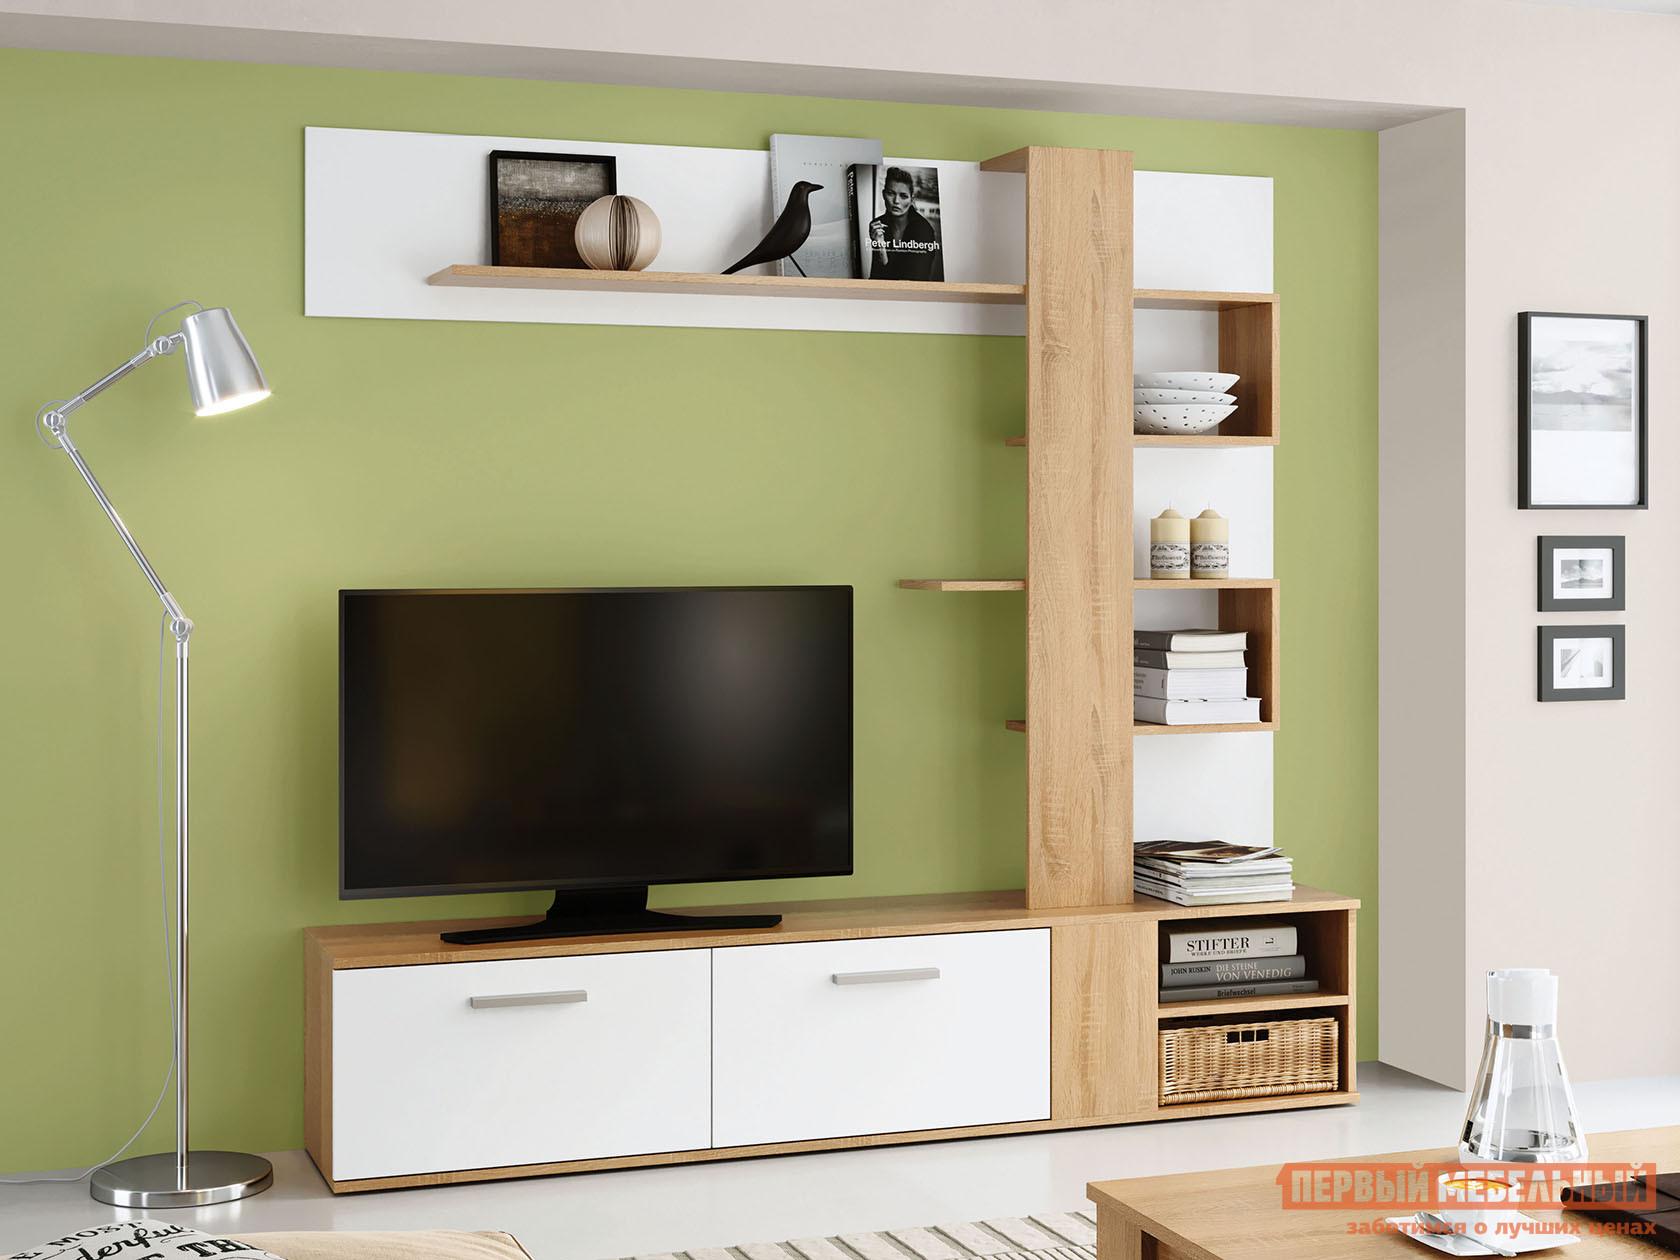 Гостиная Первый Мебельный Невада гостиная первый мебельный гостиная прованс софт